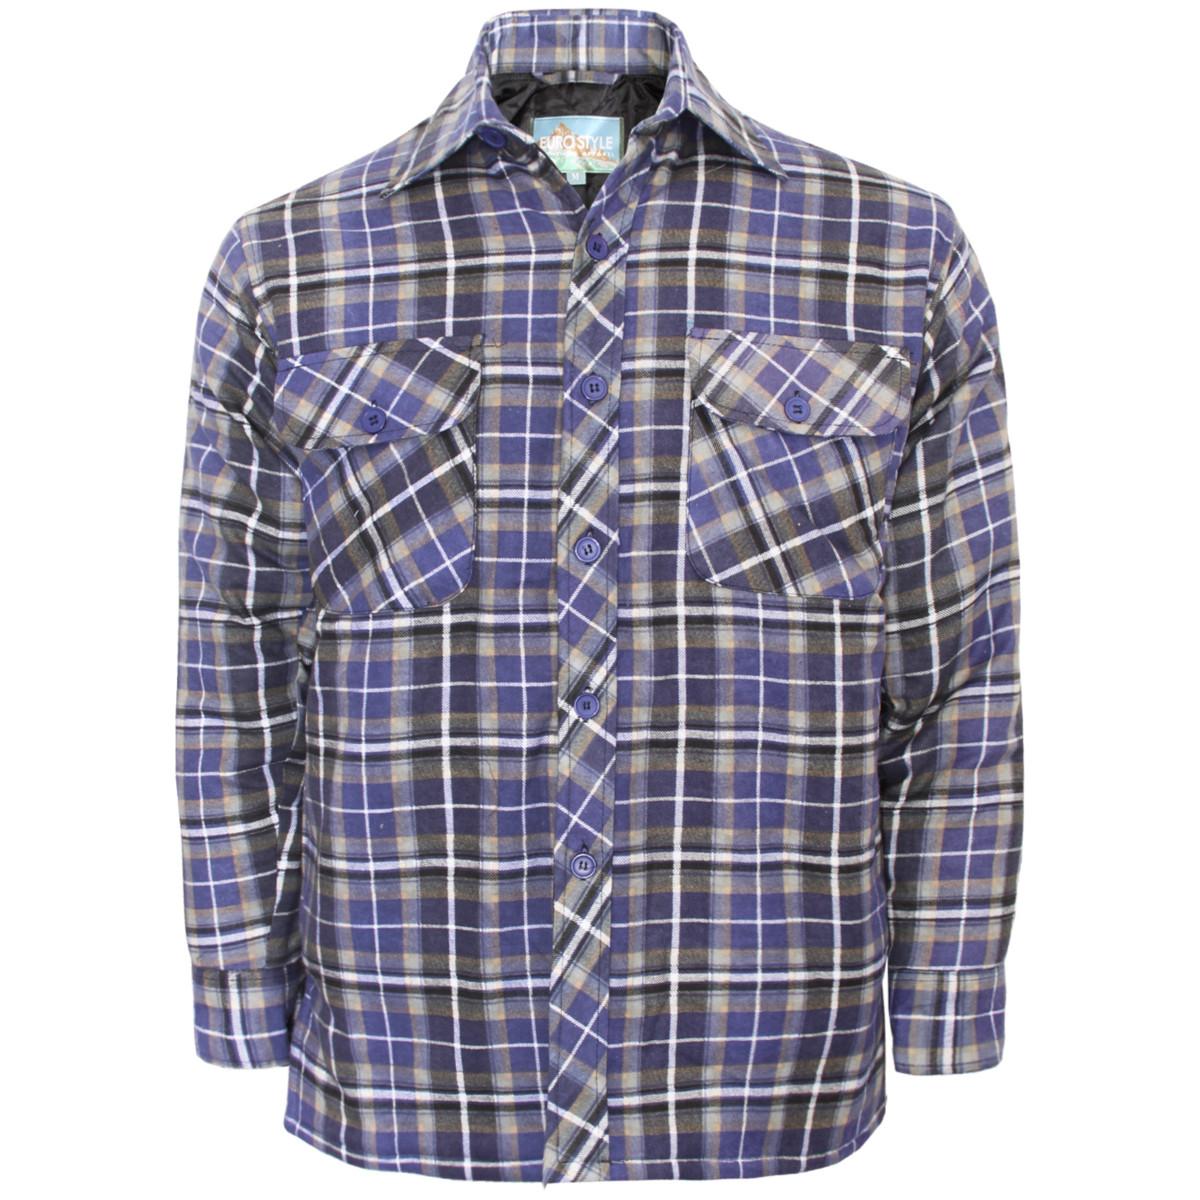 Homme d 039 epaisseur chemise bucheron a carreaux Matelasse Chaud